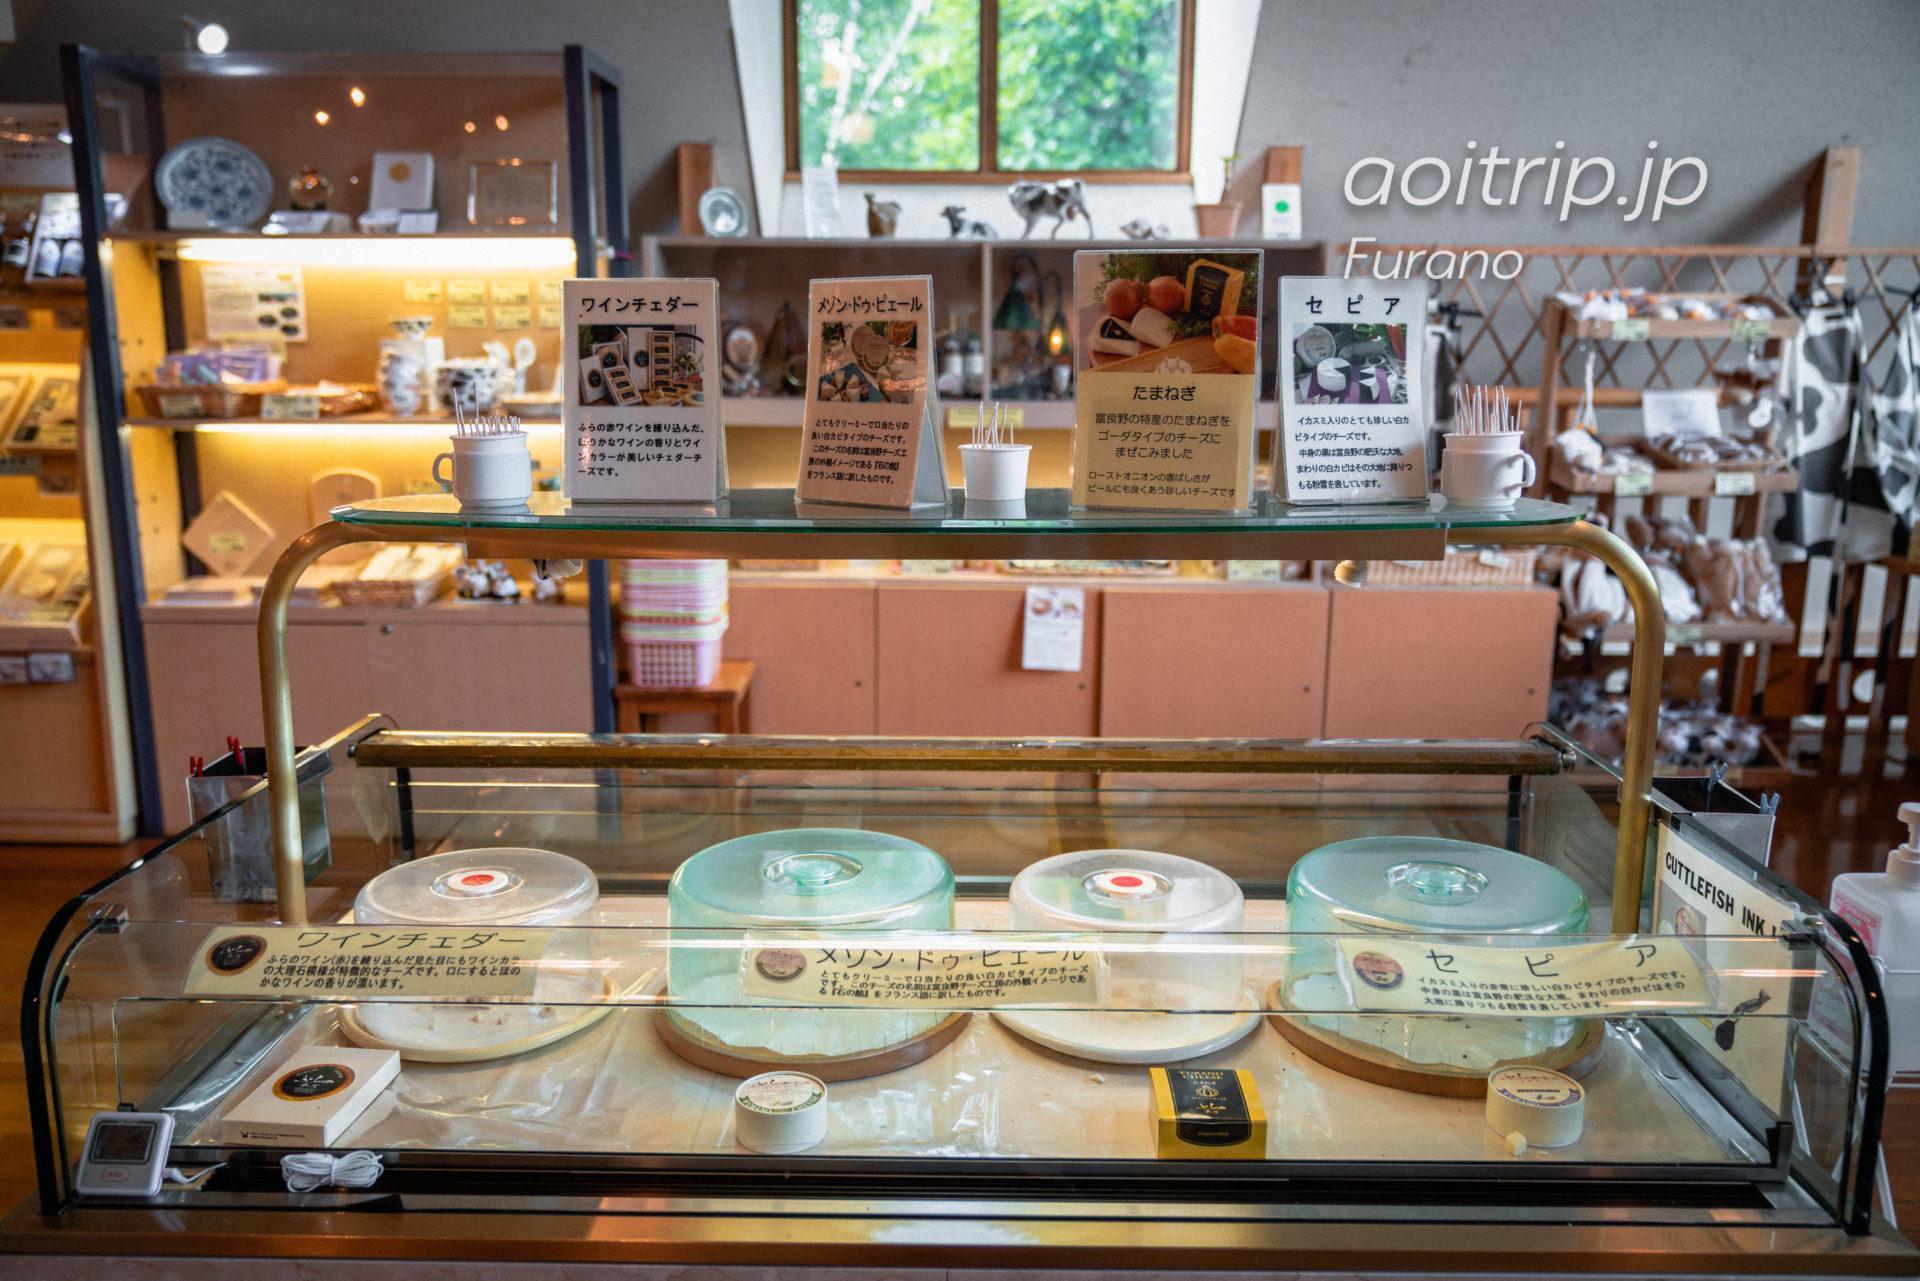 富良野チーズ工房のチーズ工房の試食